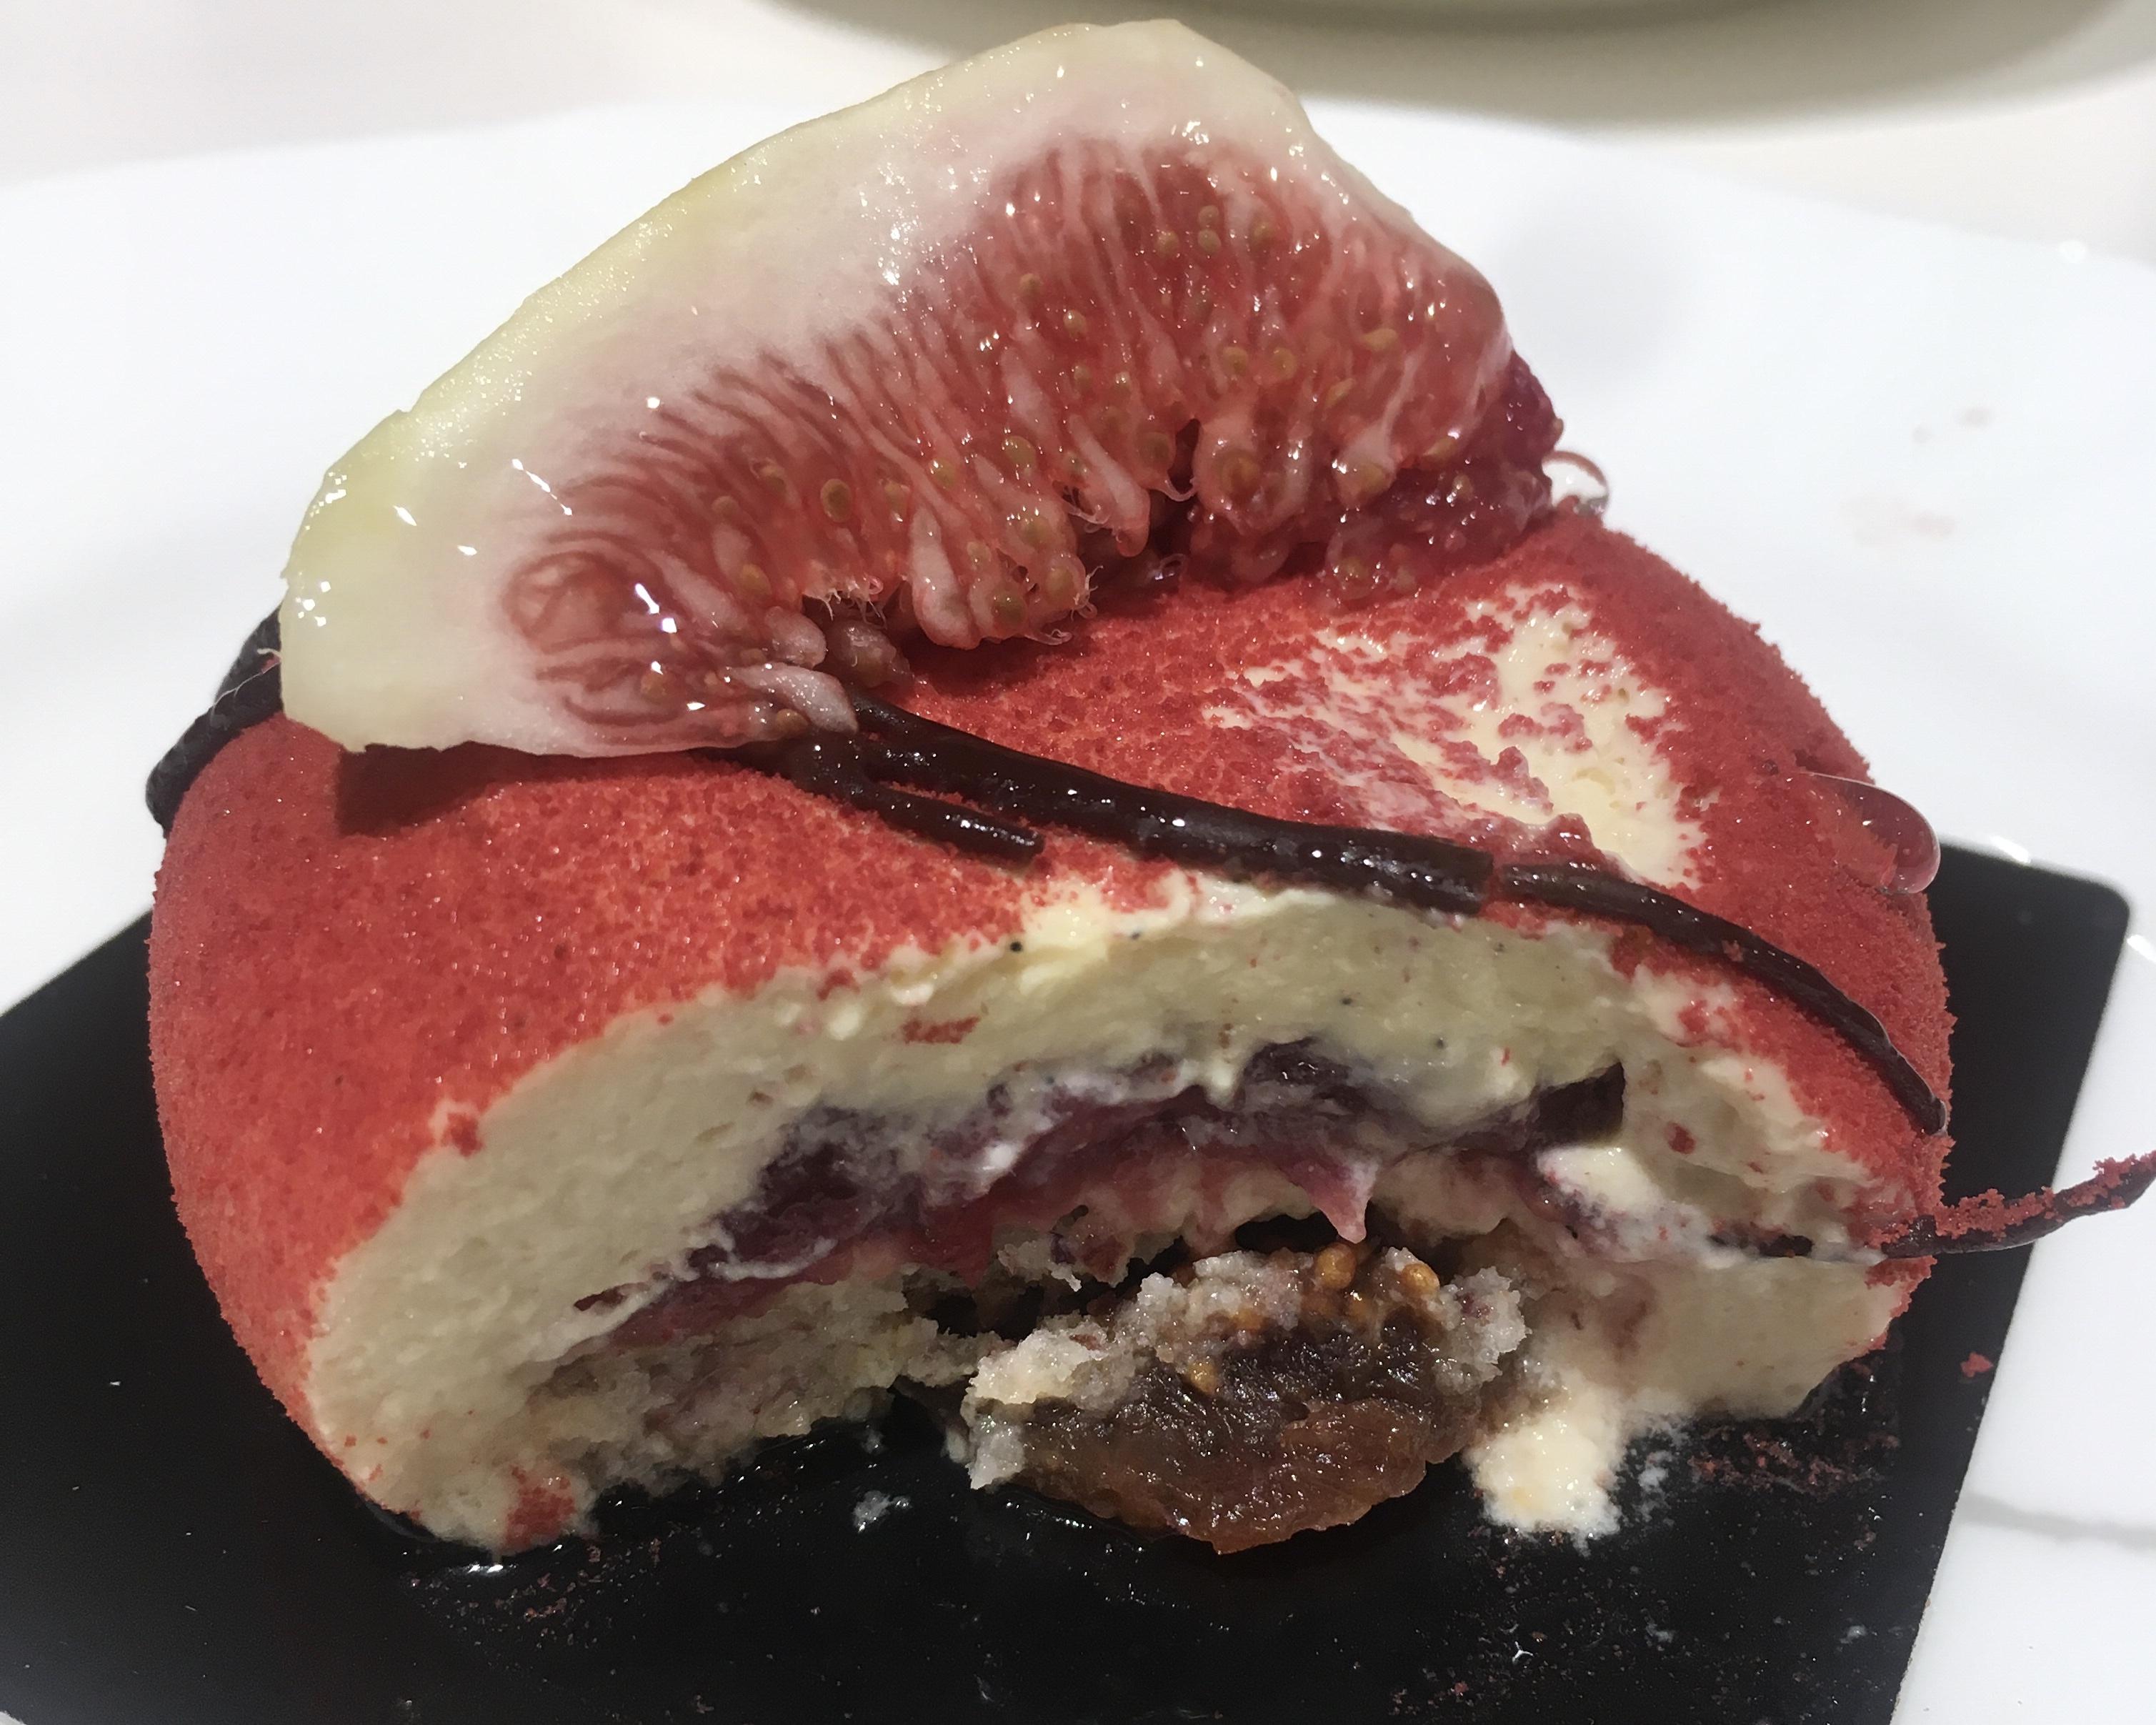 神戸のフランス菓子名店でイチジクとピスタチオのケーキ